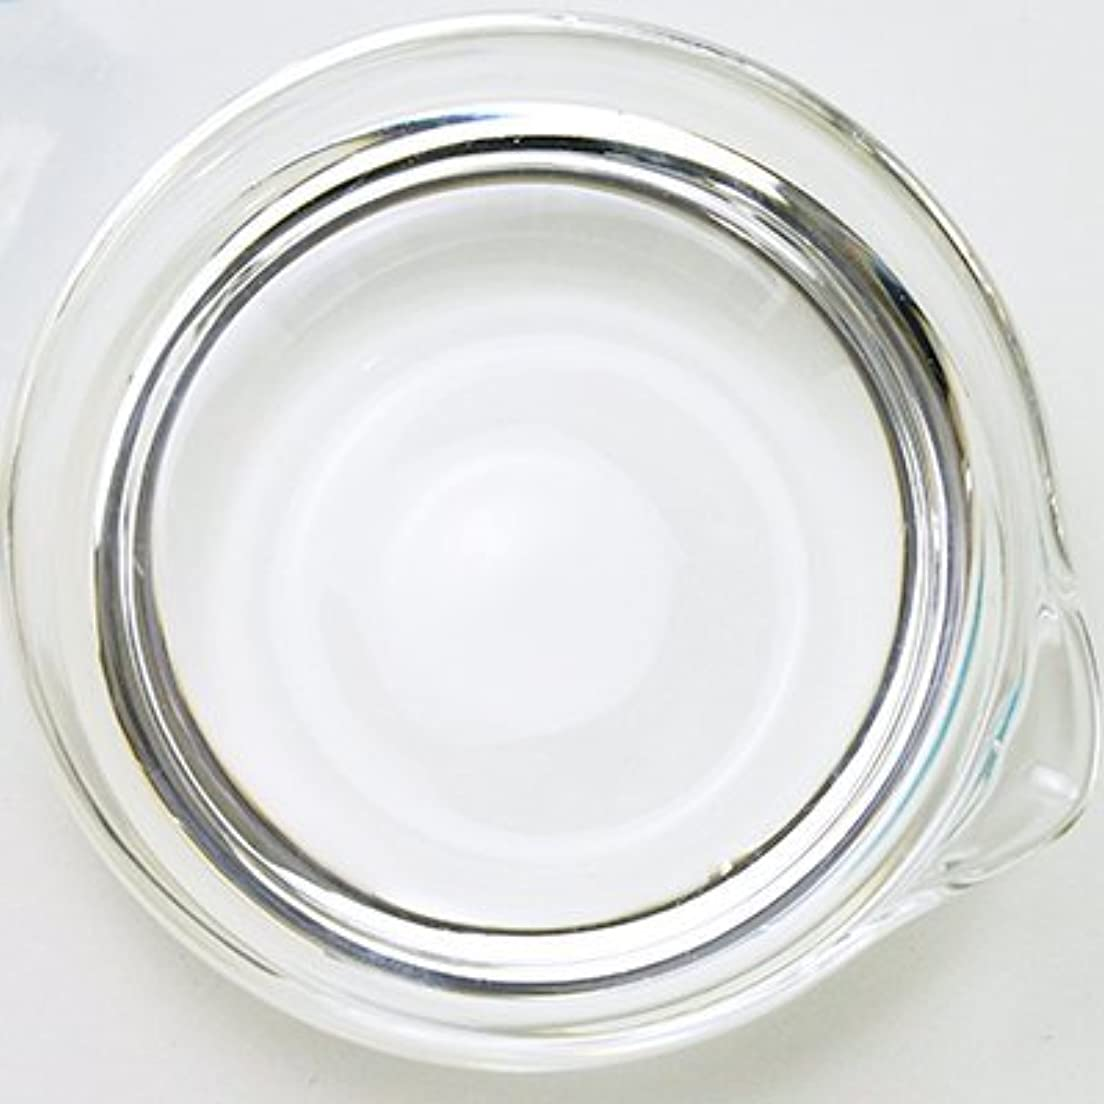 ホワイトオリーブオイル [吸着精製オリーブオイル] 500ml 【手作り石鹸/手作りコスメ/ピュアオリーブオイル】【birth】